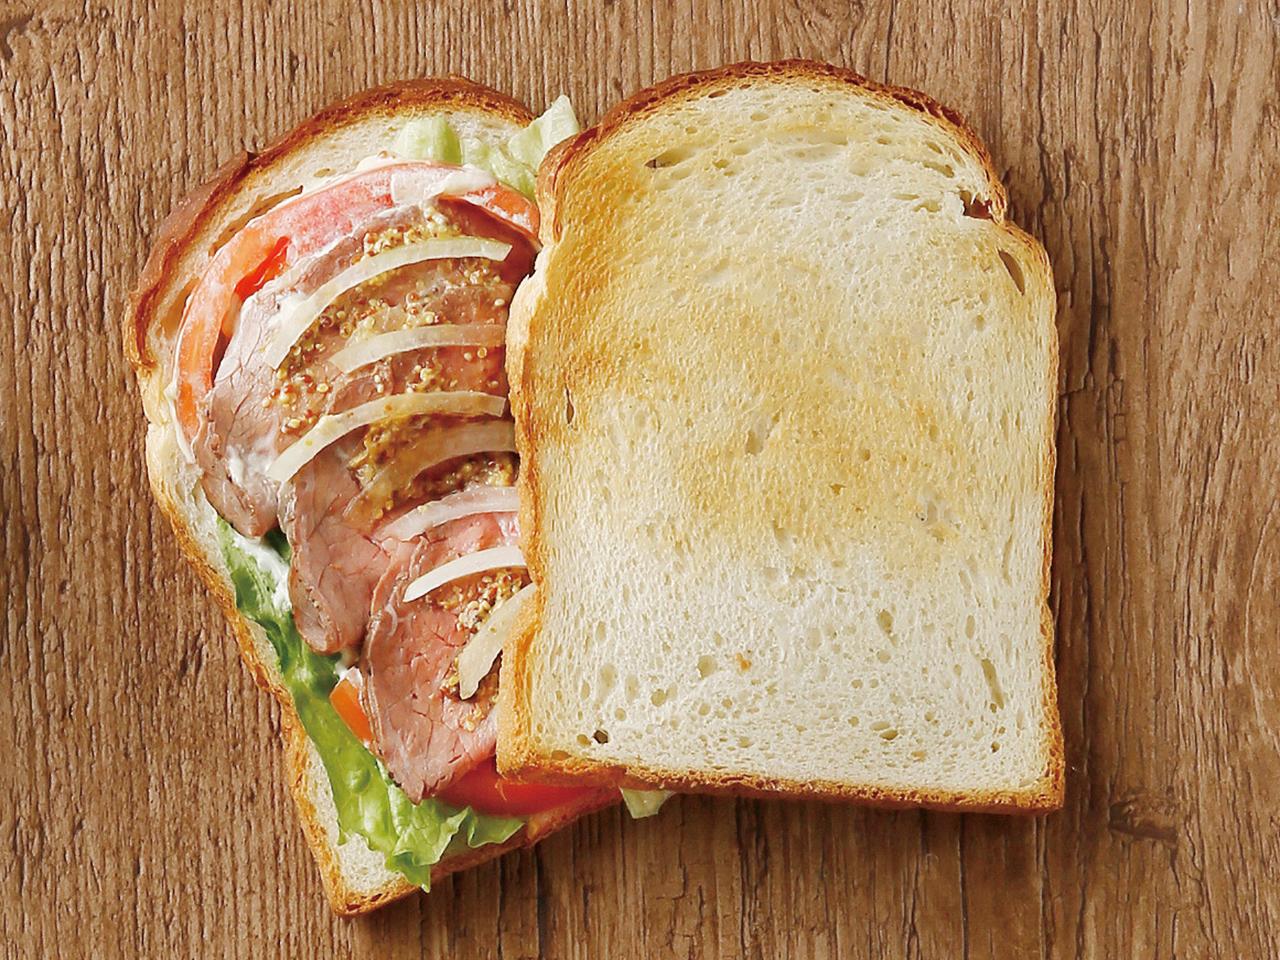 期間限定!この冬しか食べられない!とっておきのごちそうパン